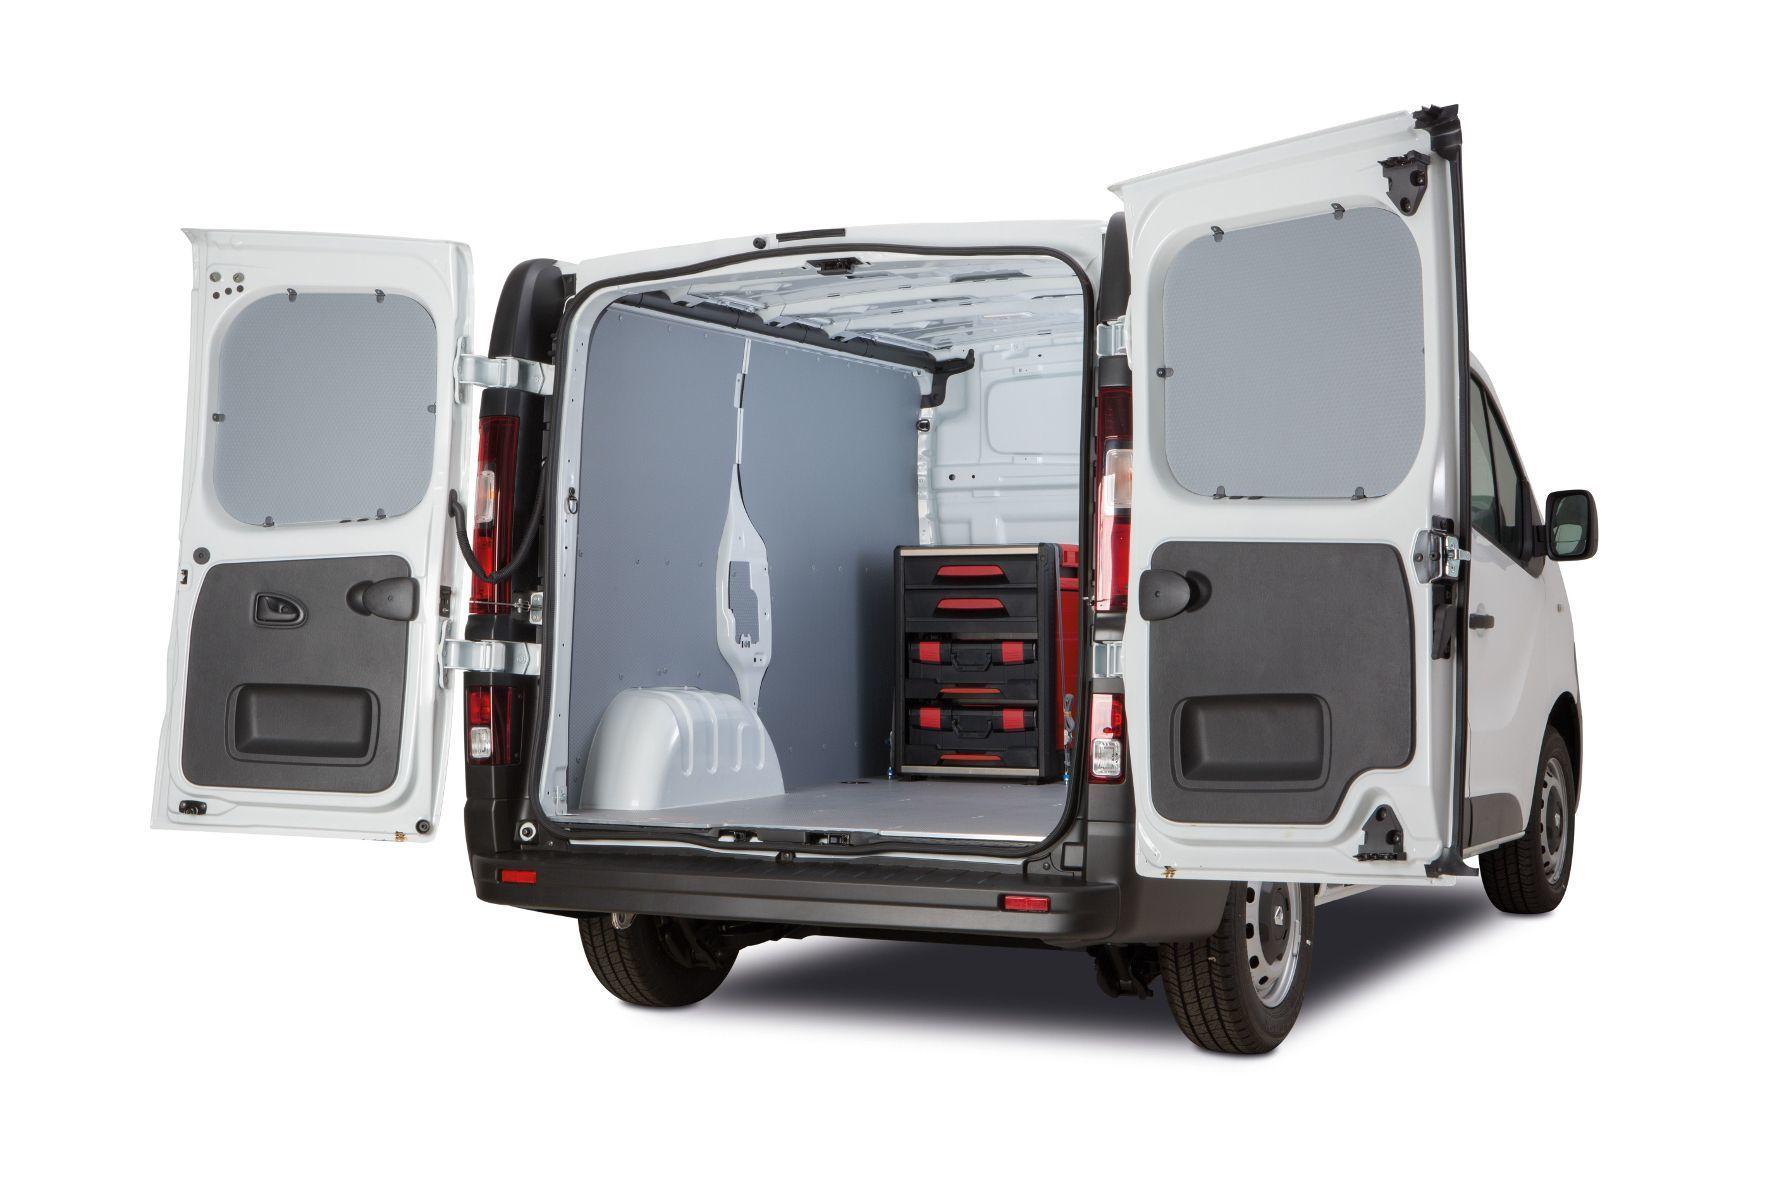 """mid Groß-Gerau - Als """"engelbert strauss Edition"""" bietet Renault die Nutzfahrzeuge Kangoo Rapid, Trafic und Master mit einem speziell für die Bedürfnisse von Handwerkern und Servicetechnikern ausgelegten Innenausbau an."""